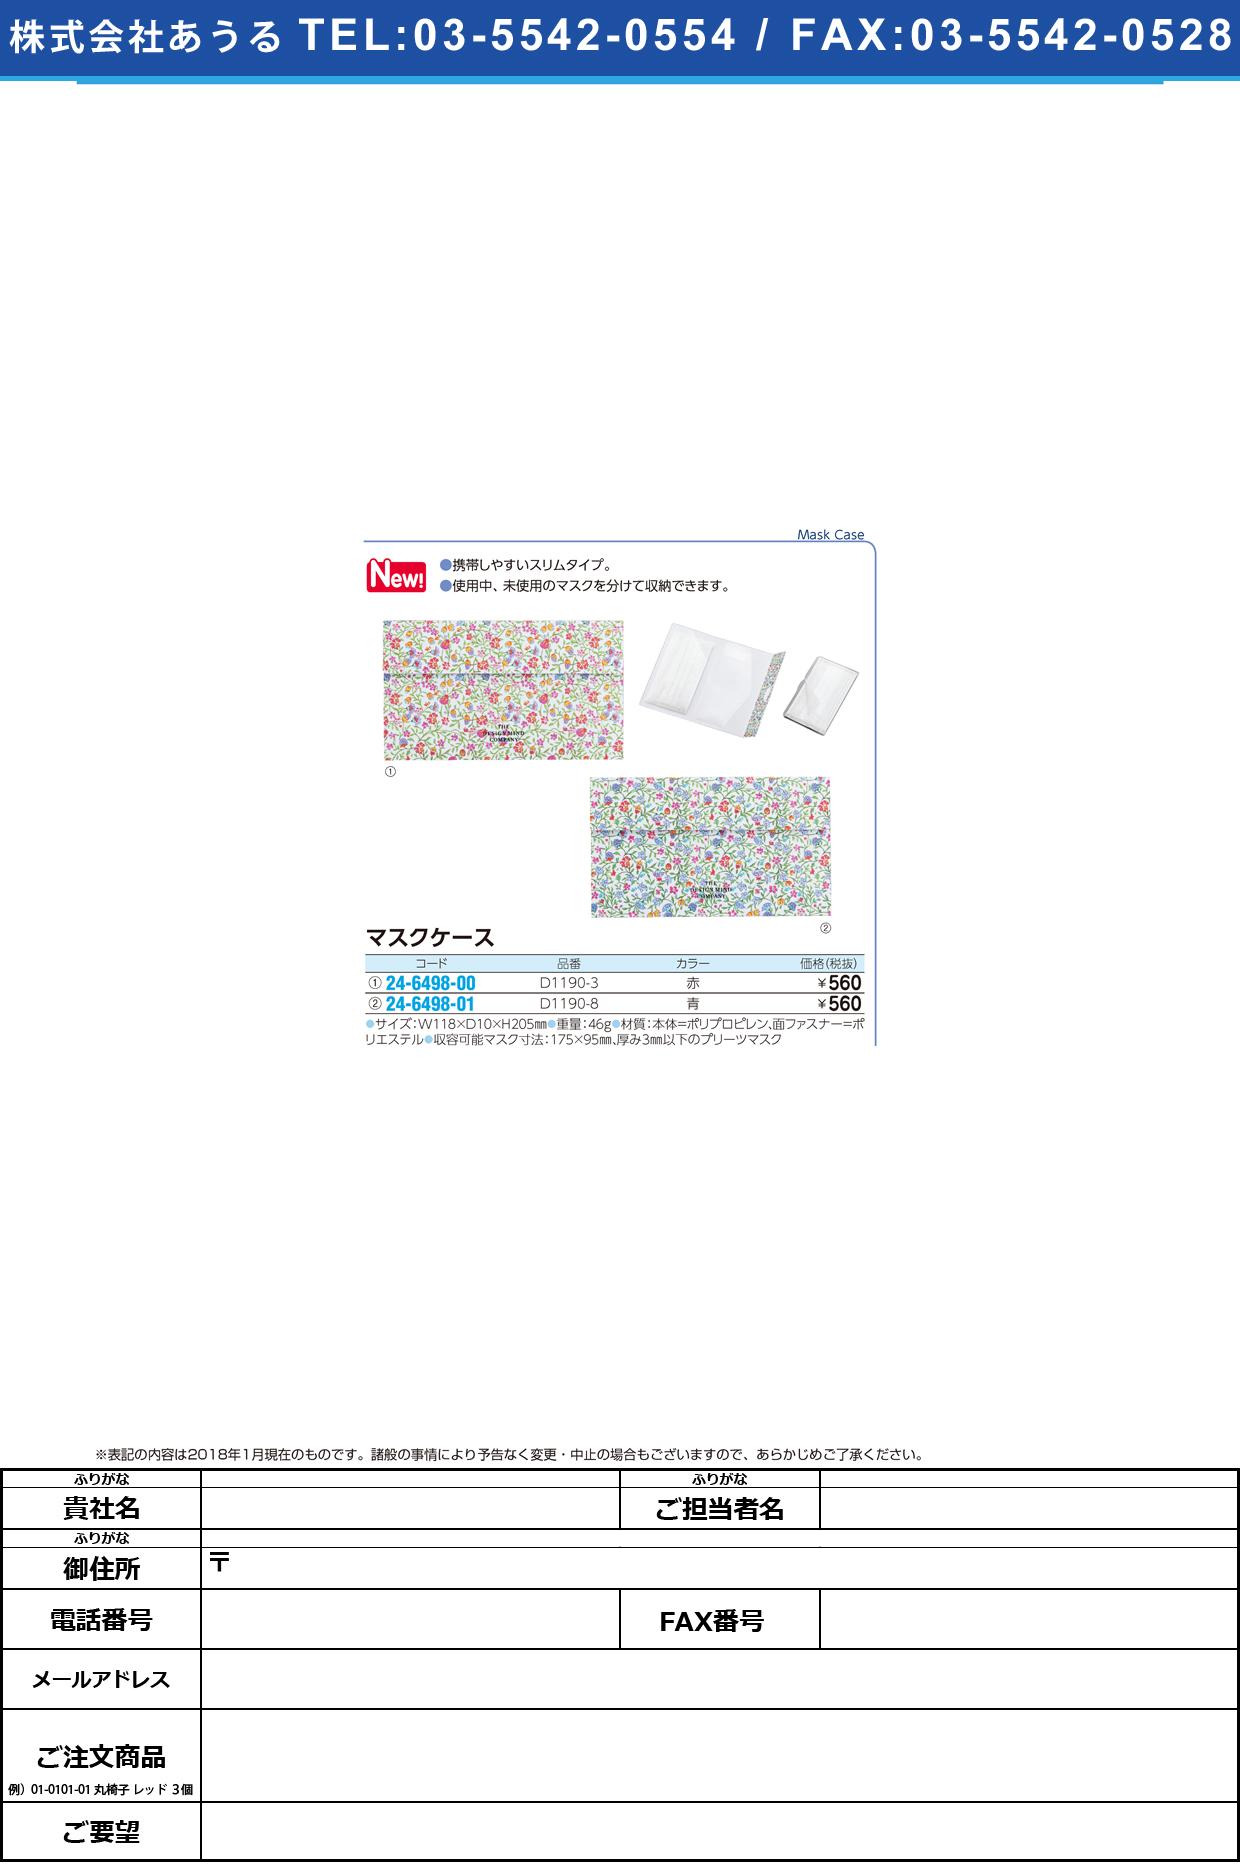 (24-6498-00)マスクケース(赤) D1190-3 マスクケース(アカ)(LIHITLAB.)【1個単位】【2018年カタログ商品】